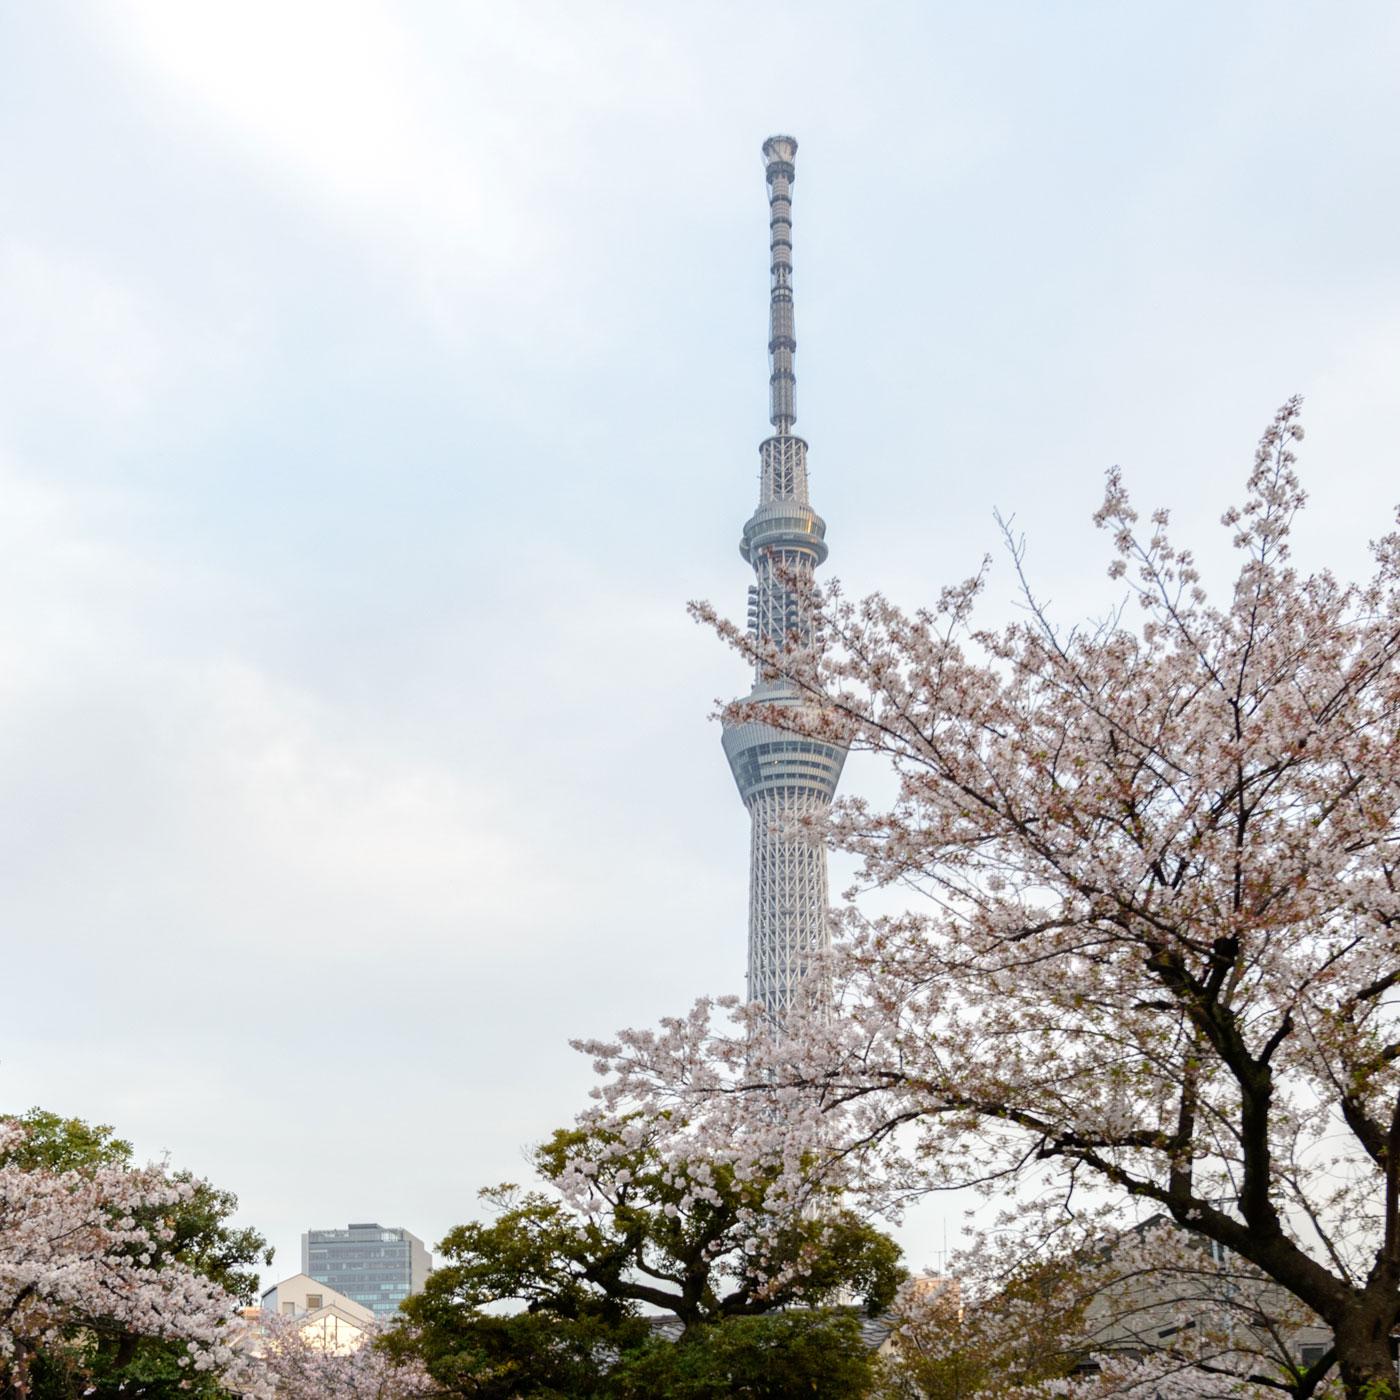 老舗「言問団子」よりみる東京スカイツリー(1,500m)